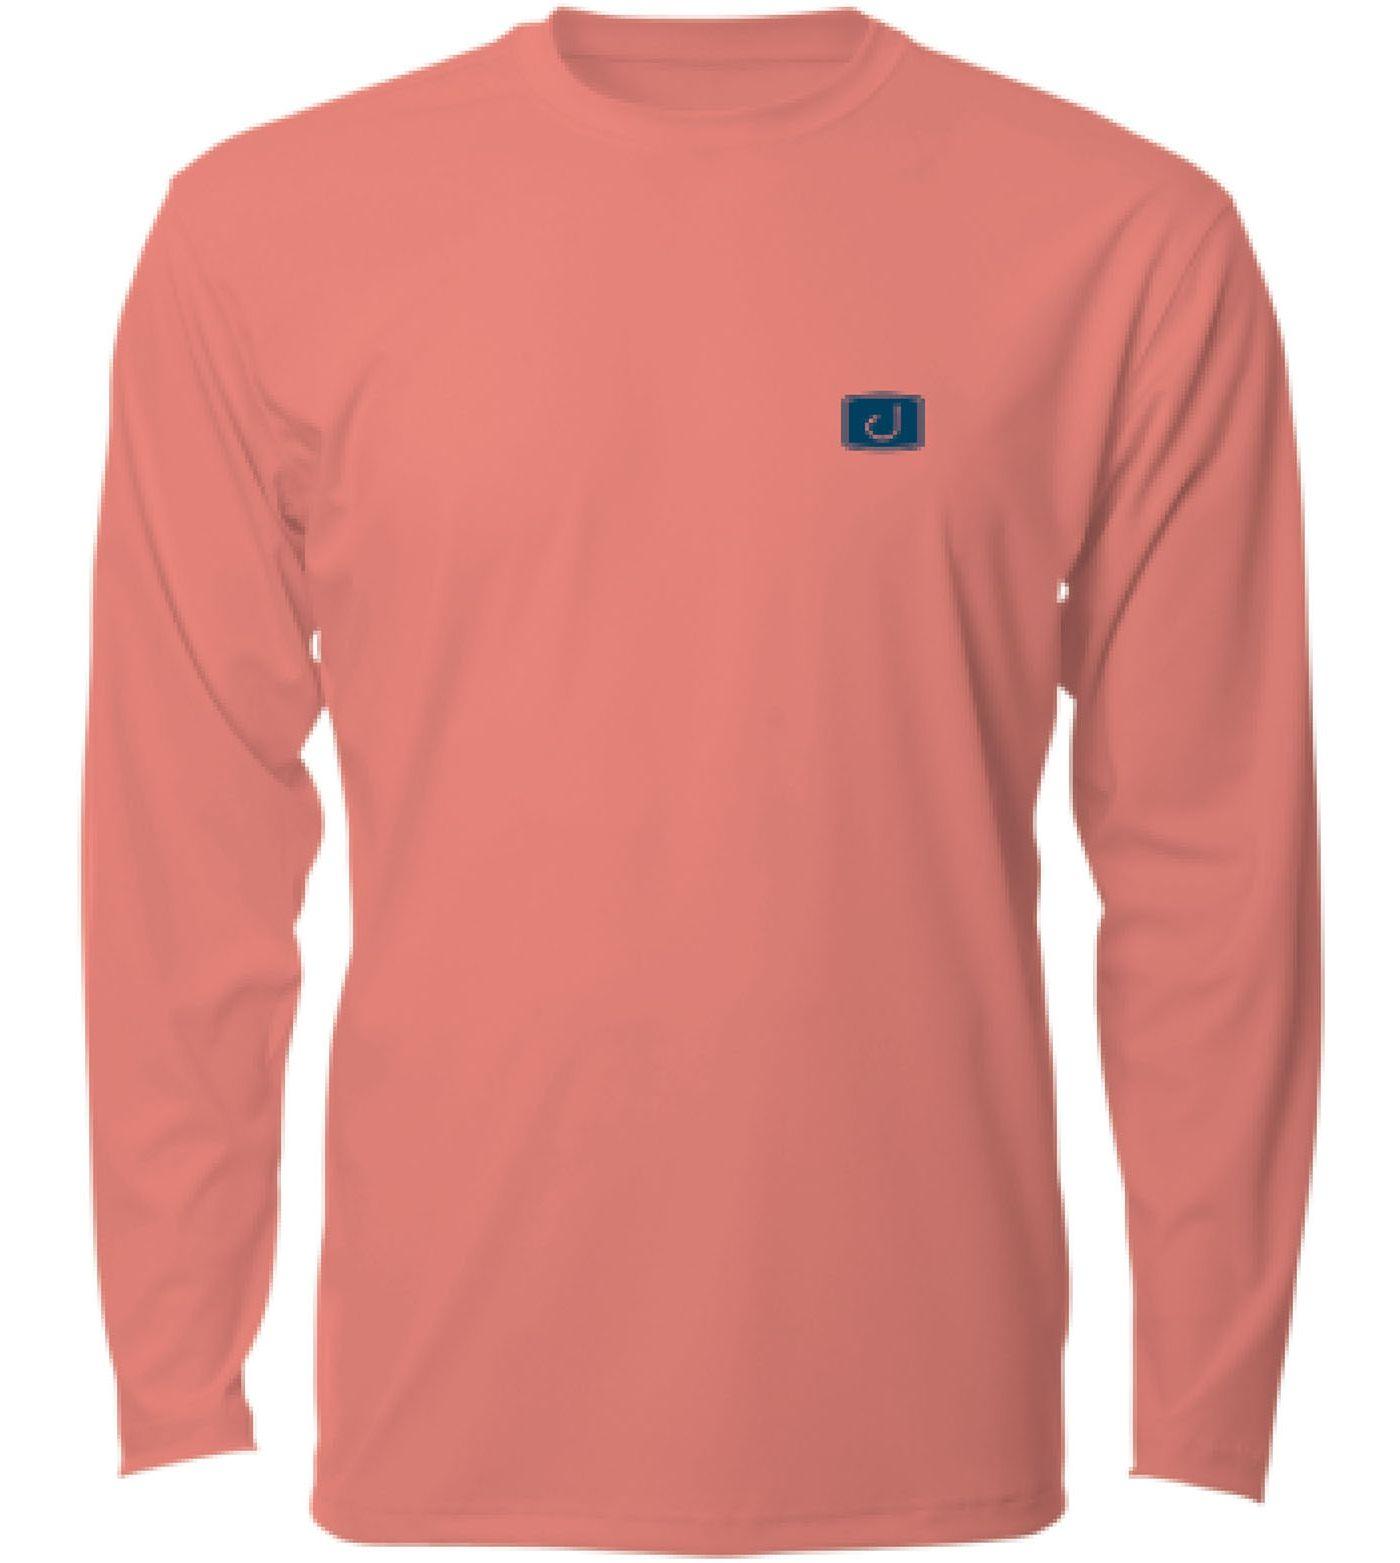 AVID Men's Adrift AVIDry Long Sleeve Performance Shirt